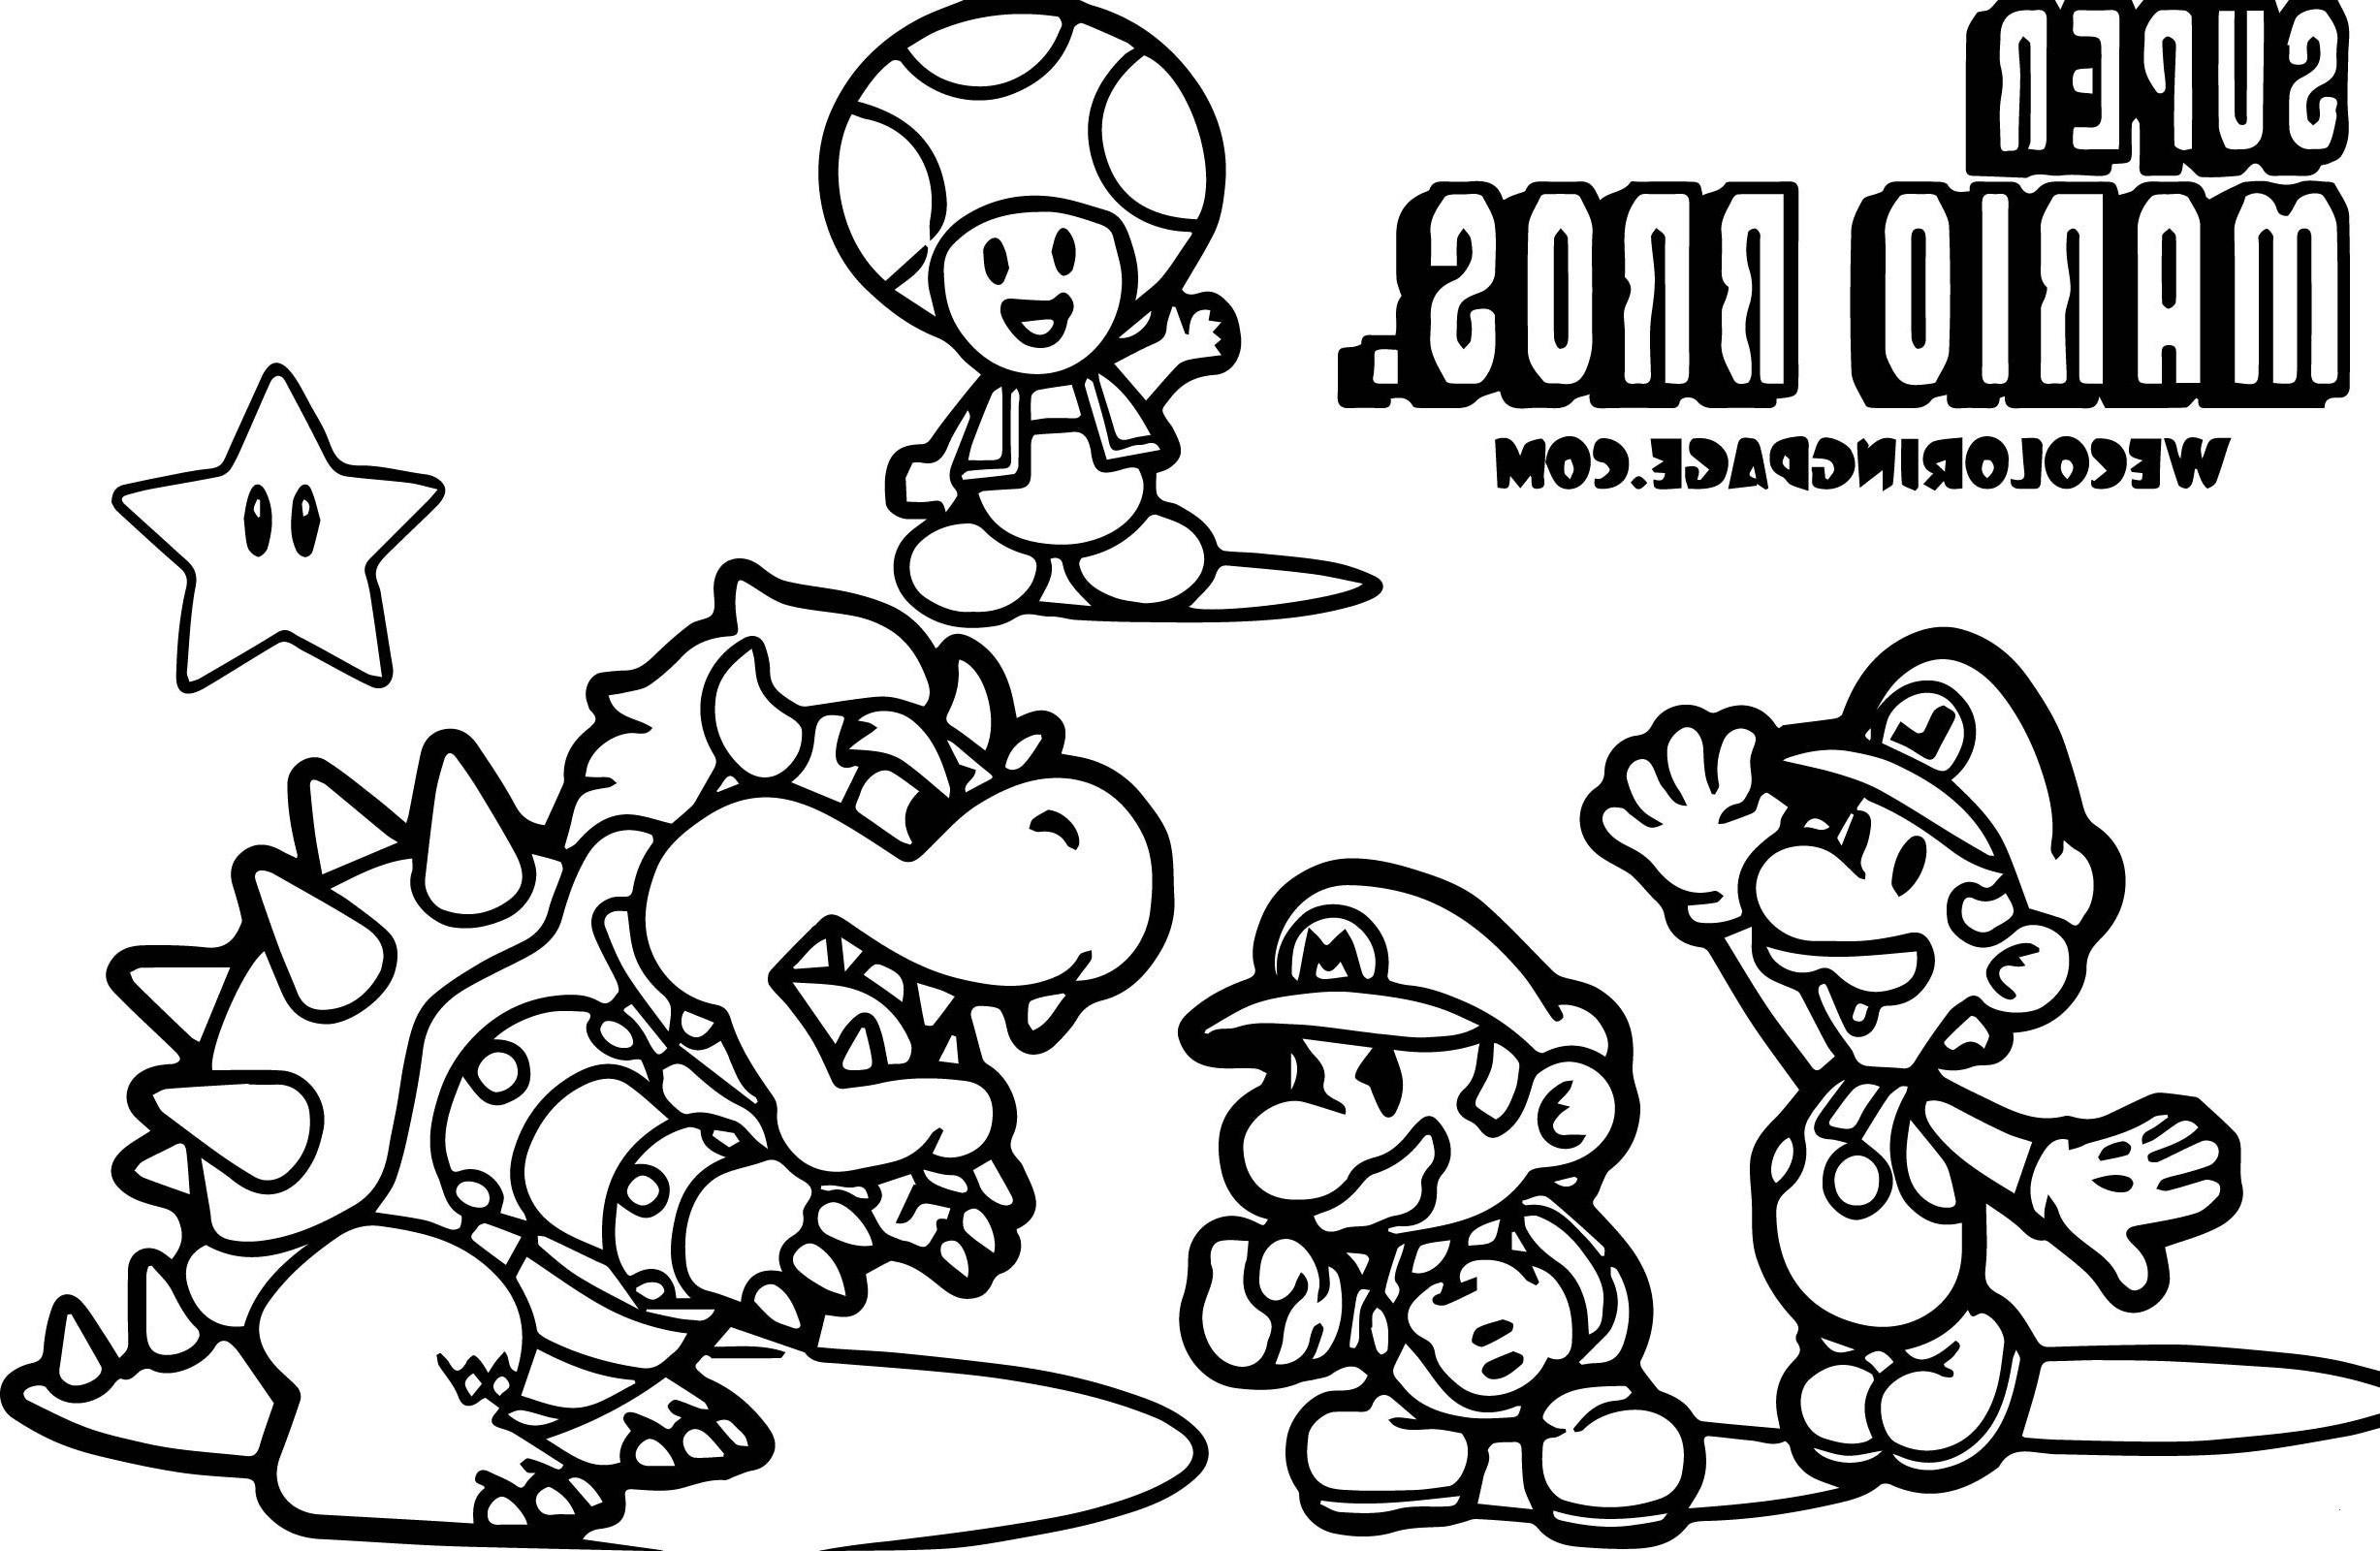 Ausmalbilder Super Mario 3d World Inspirierend 28 Inspirierend Ausmalbild Super Mario – Malvorlagen Ideen Sammlung